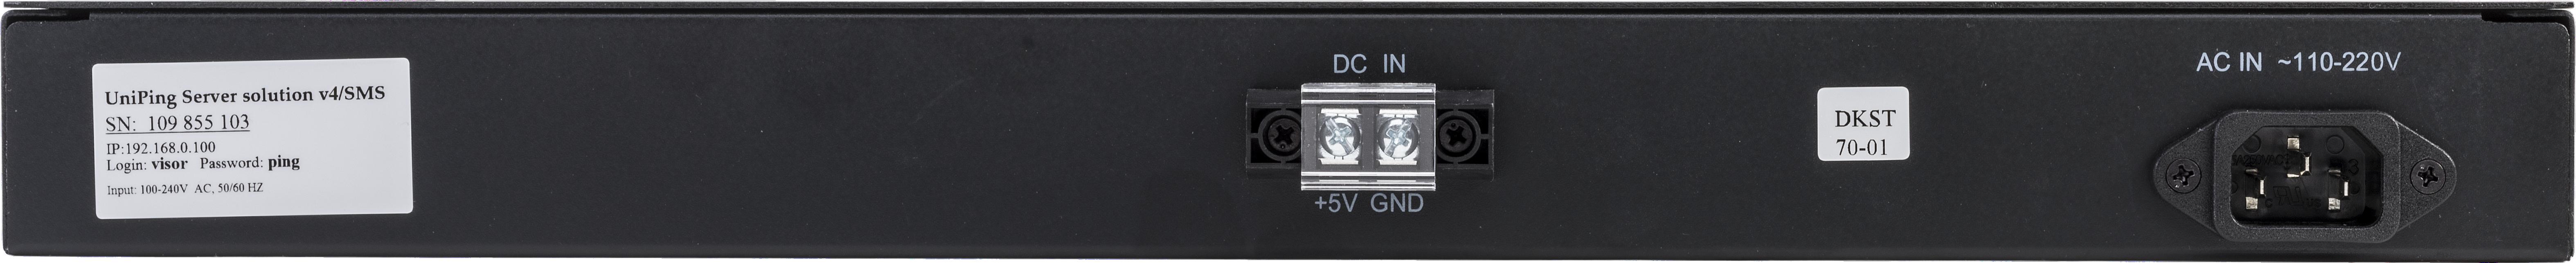 Устройство мониторинга микроклимата серверной комнаты UniPing server solution v4SMS - задняя панель